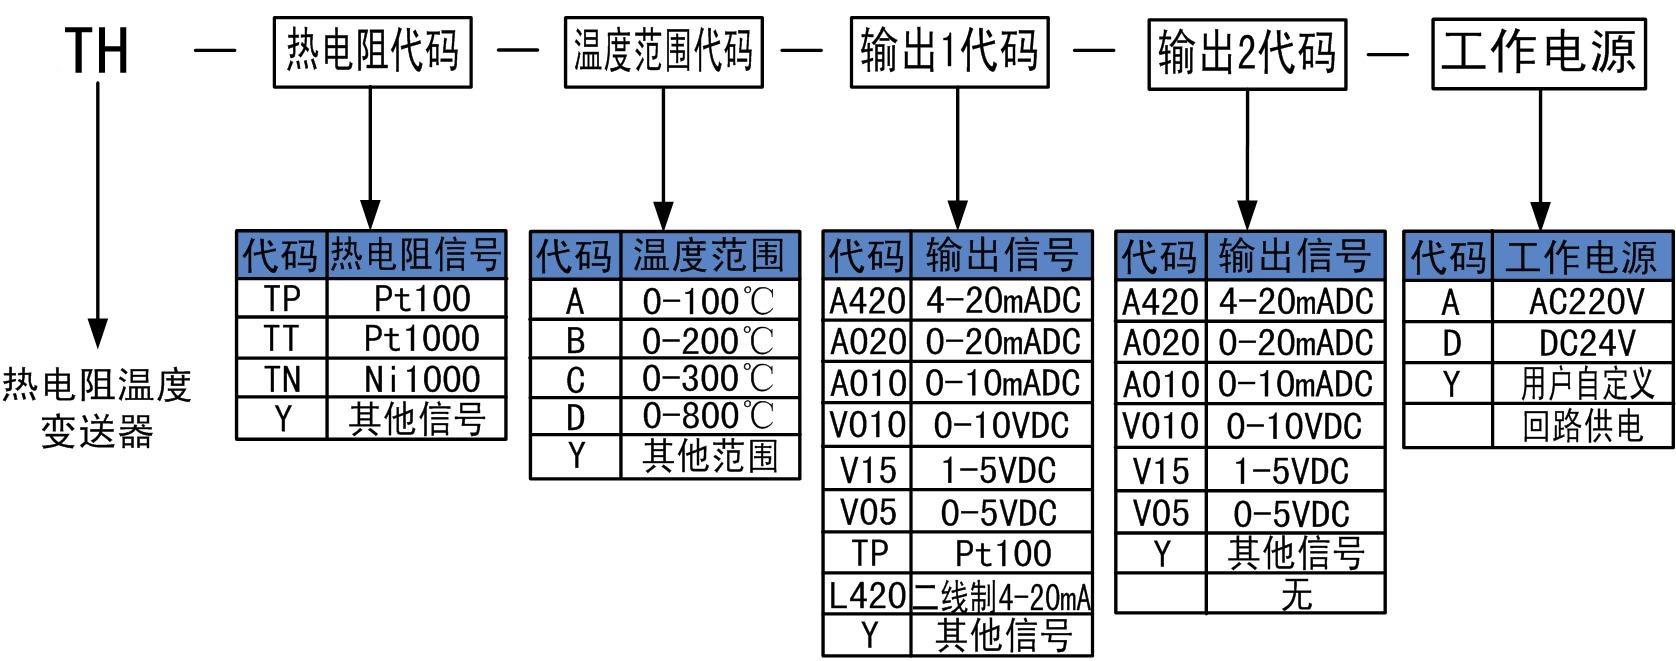 温度变送器的校验接线和校验方法,通过接线图完整地展示了二种温度变